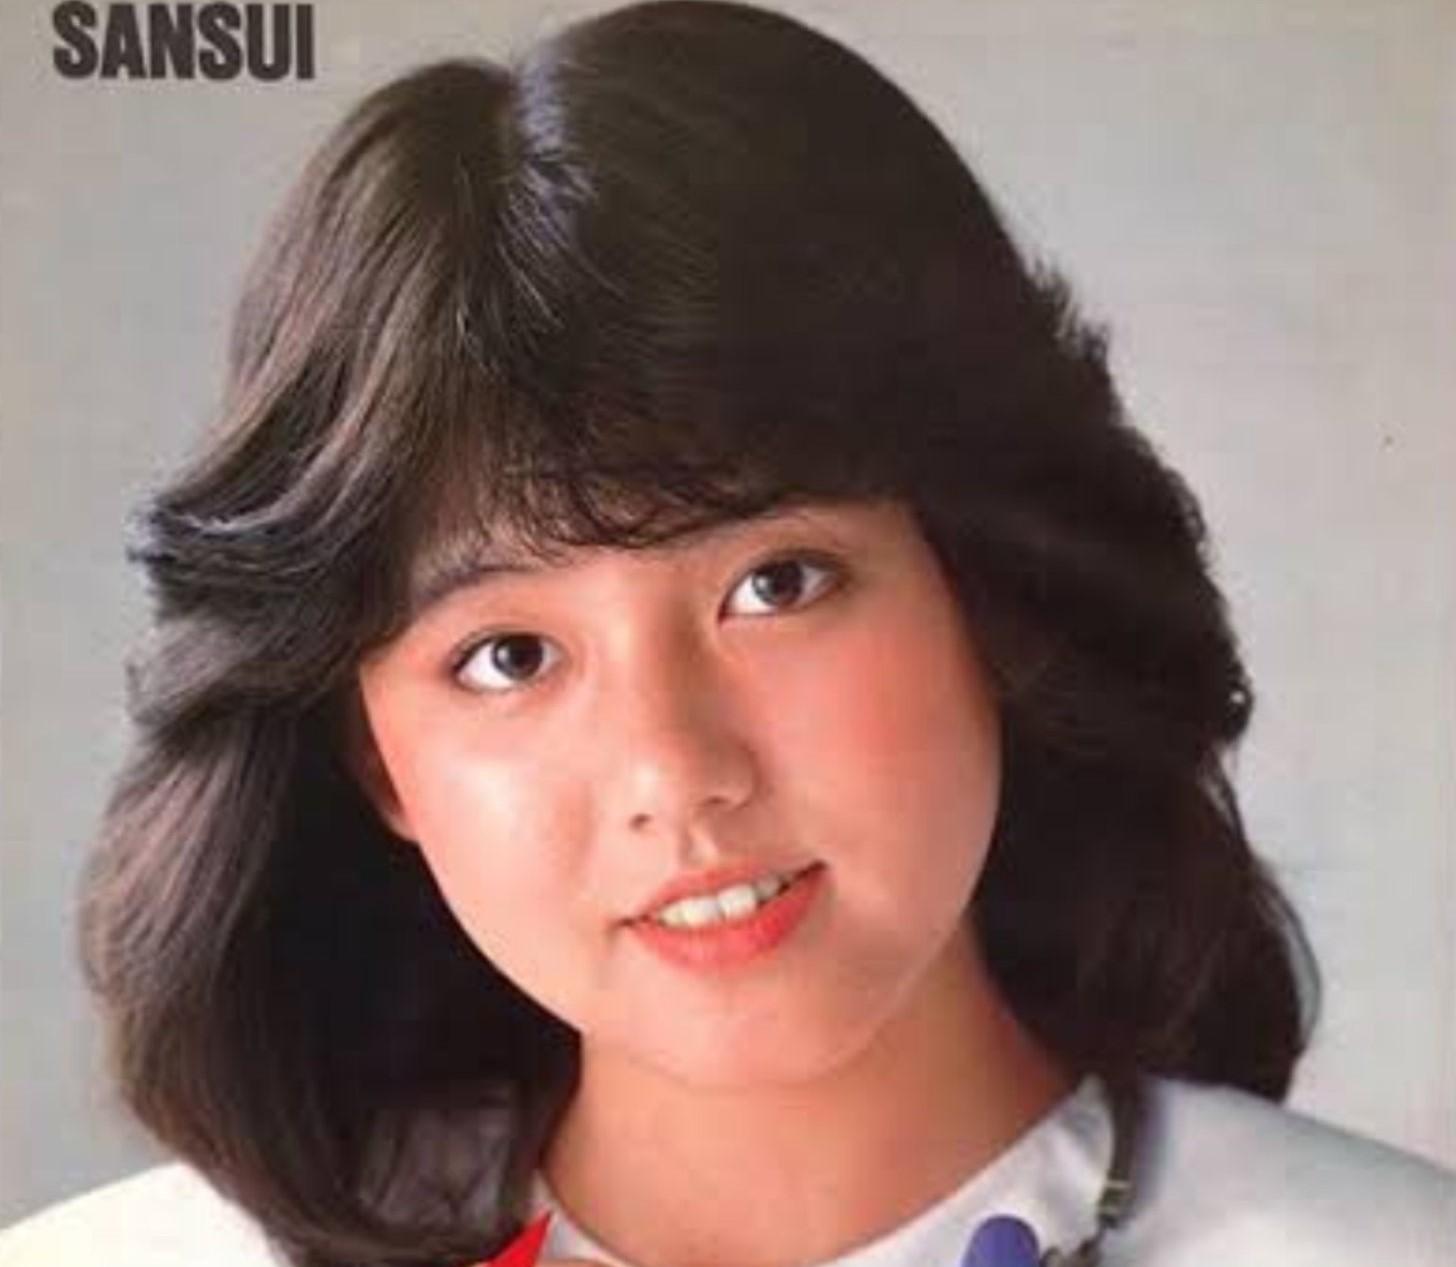 京本大我(SixTONES) の母親は元アイドルの山本博美?経歴や現在は?